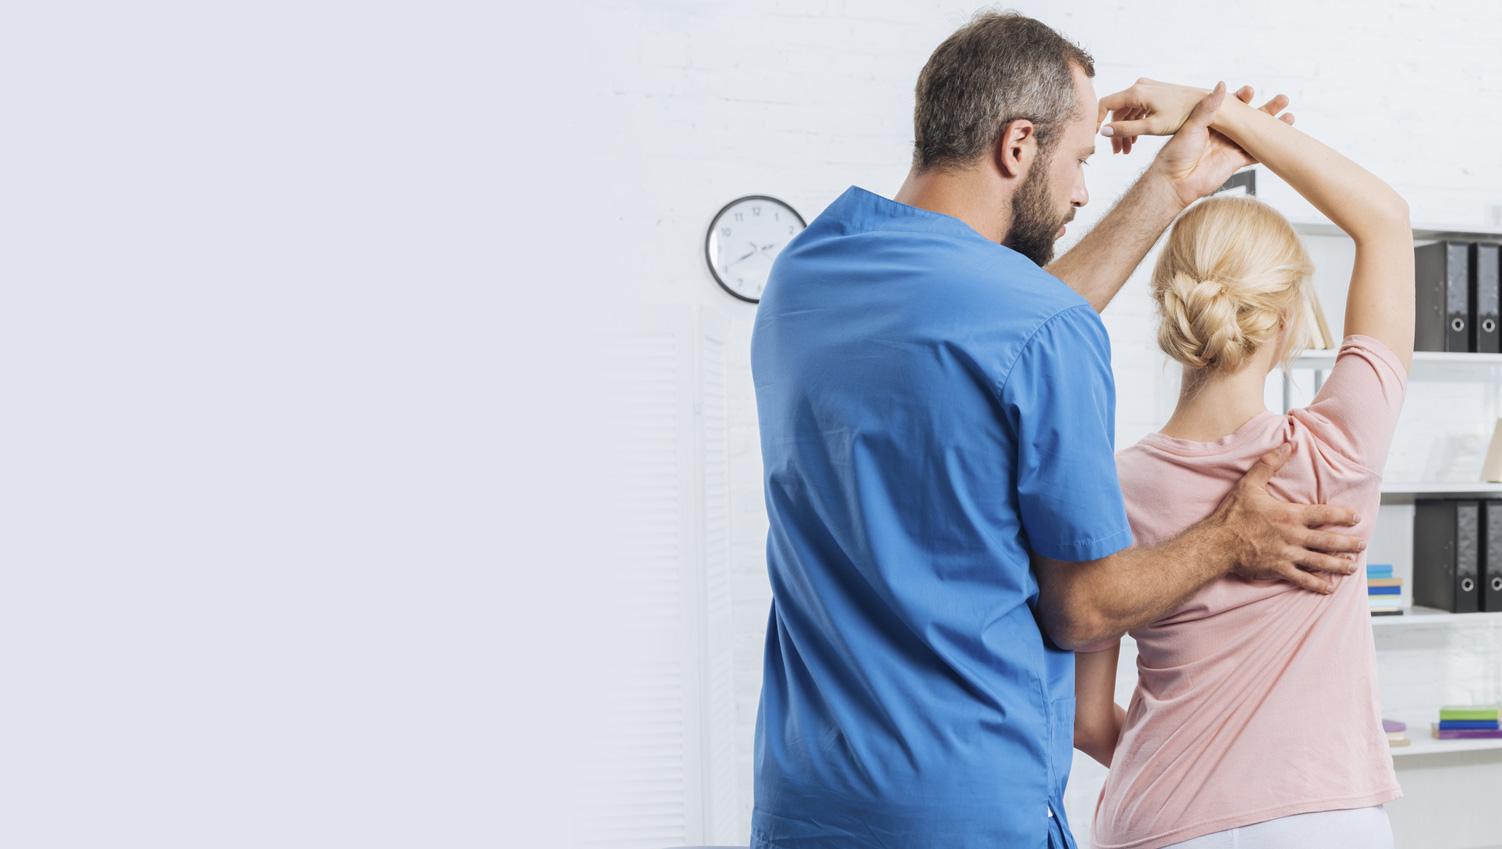 doctor adjusting patient back